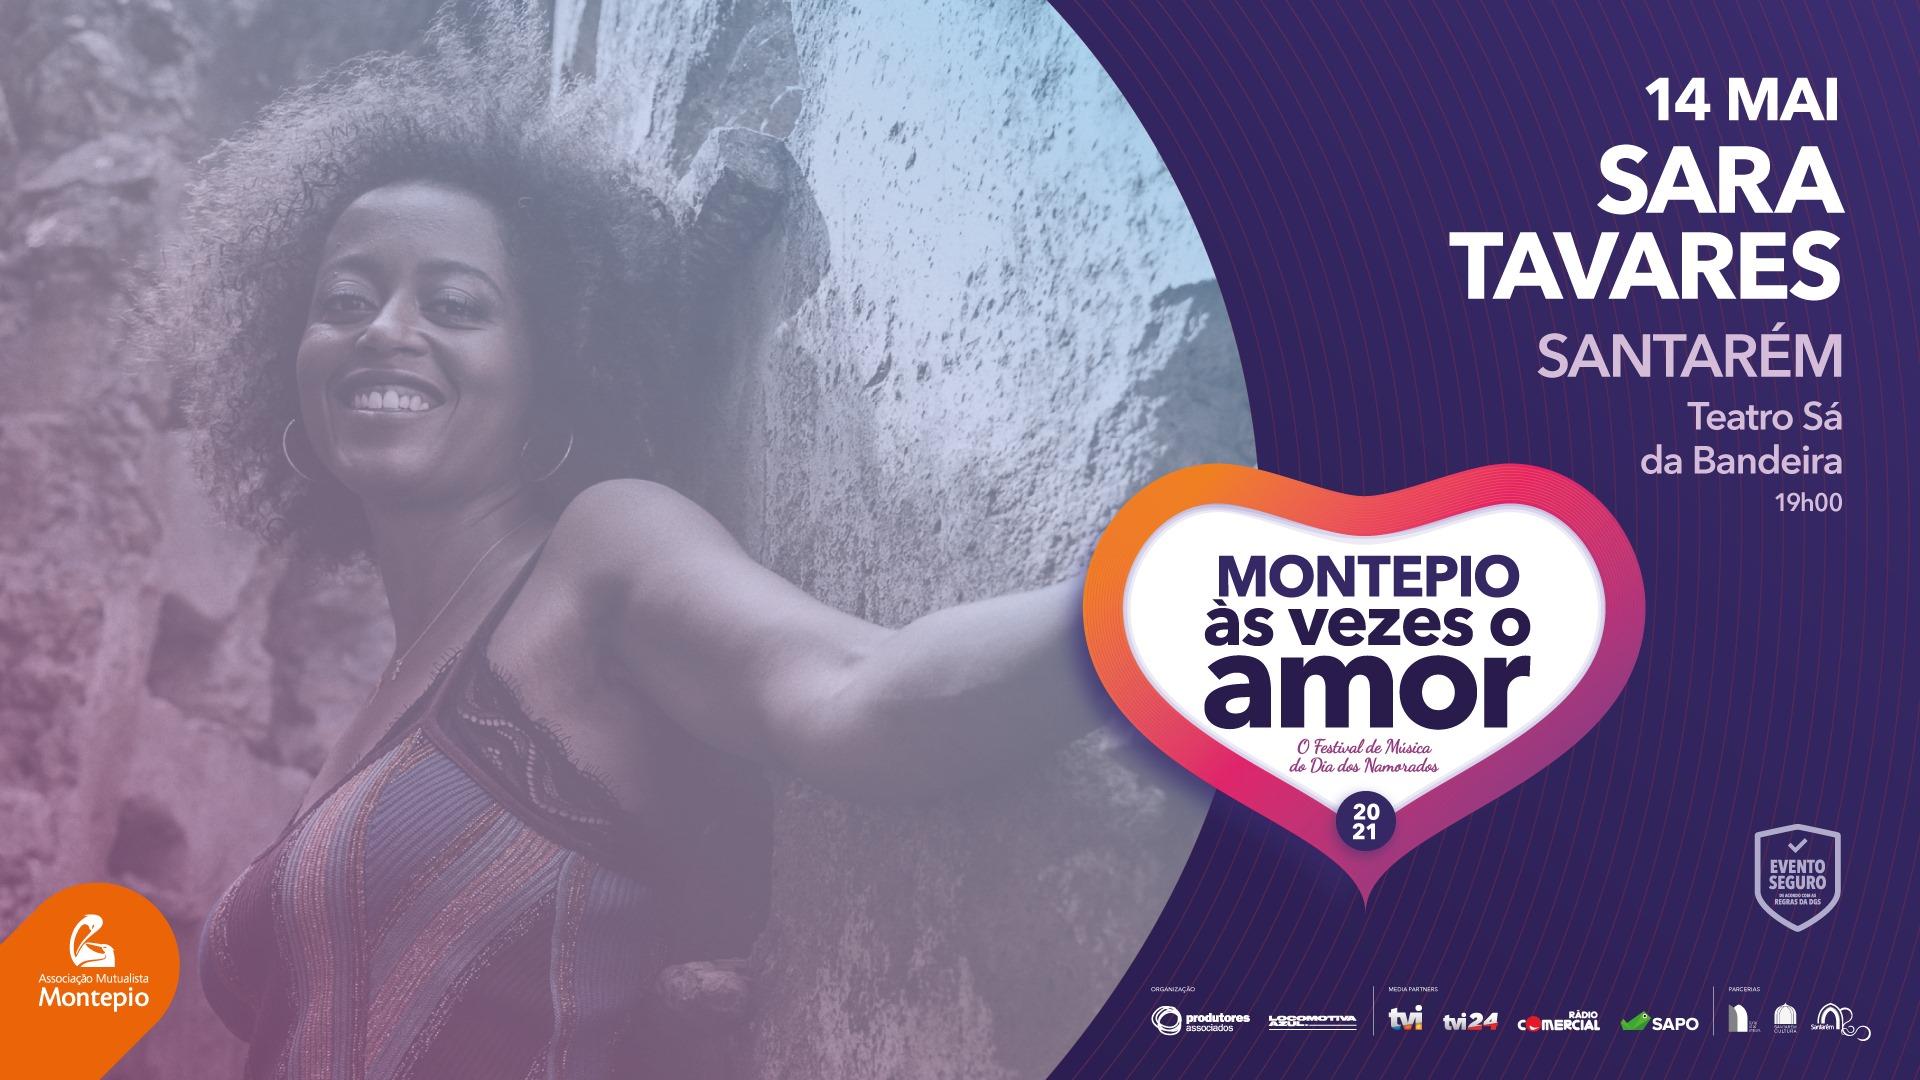 SARA TAVARES - Montepio Às Vezes o Amor - SANTARÉM